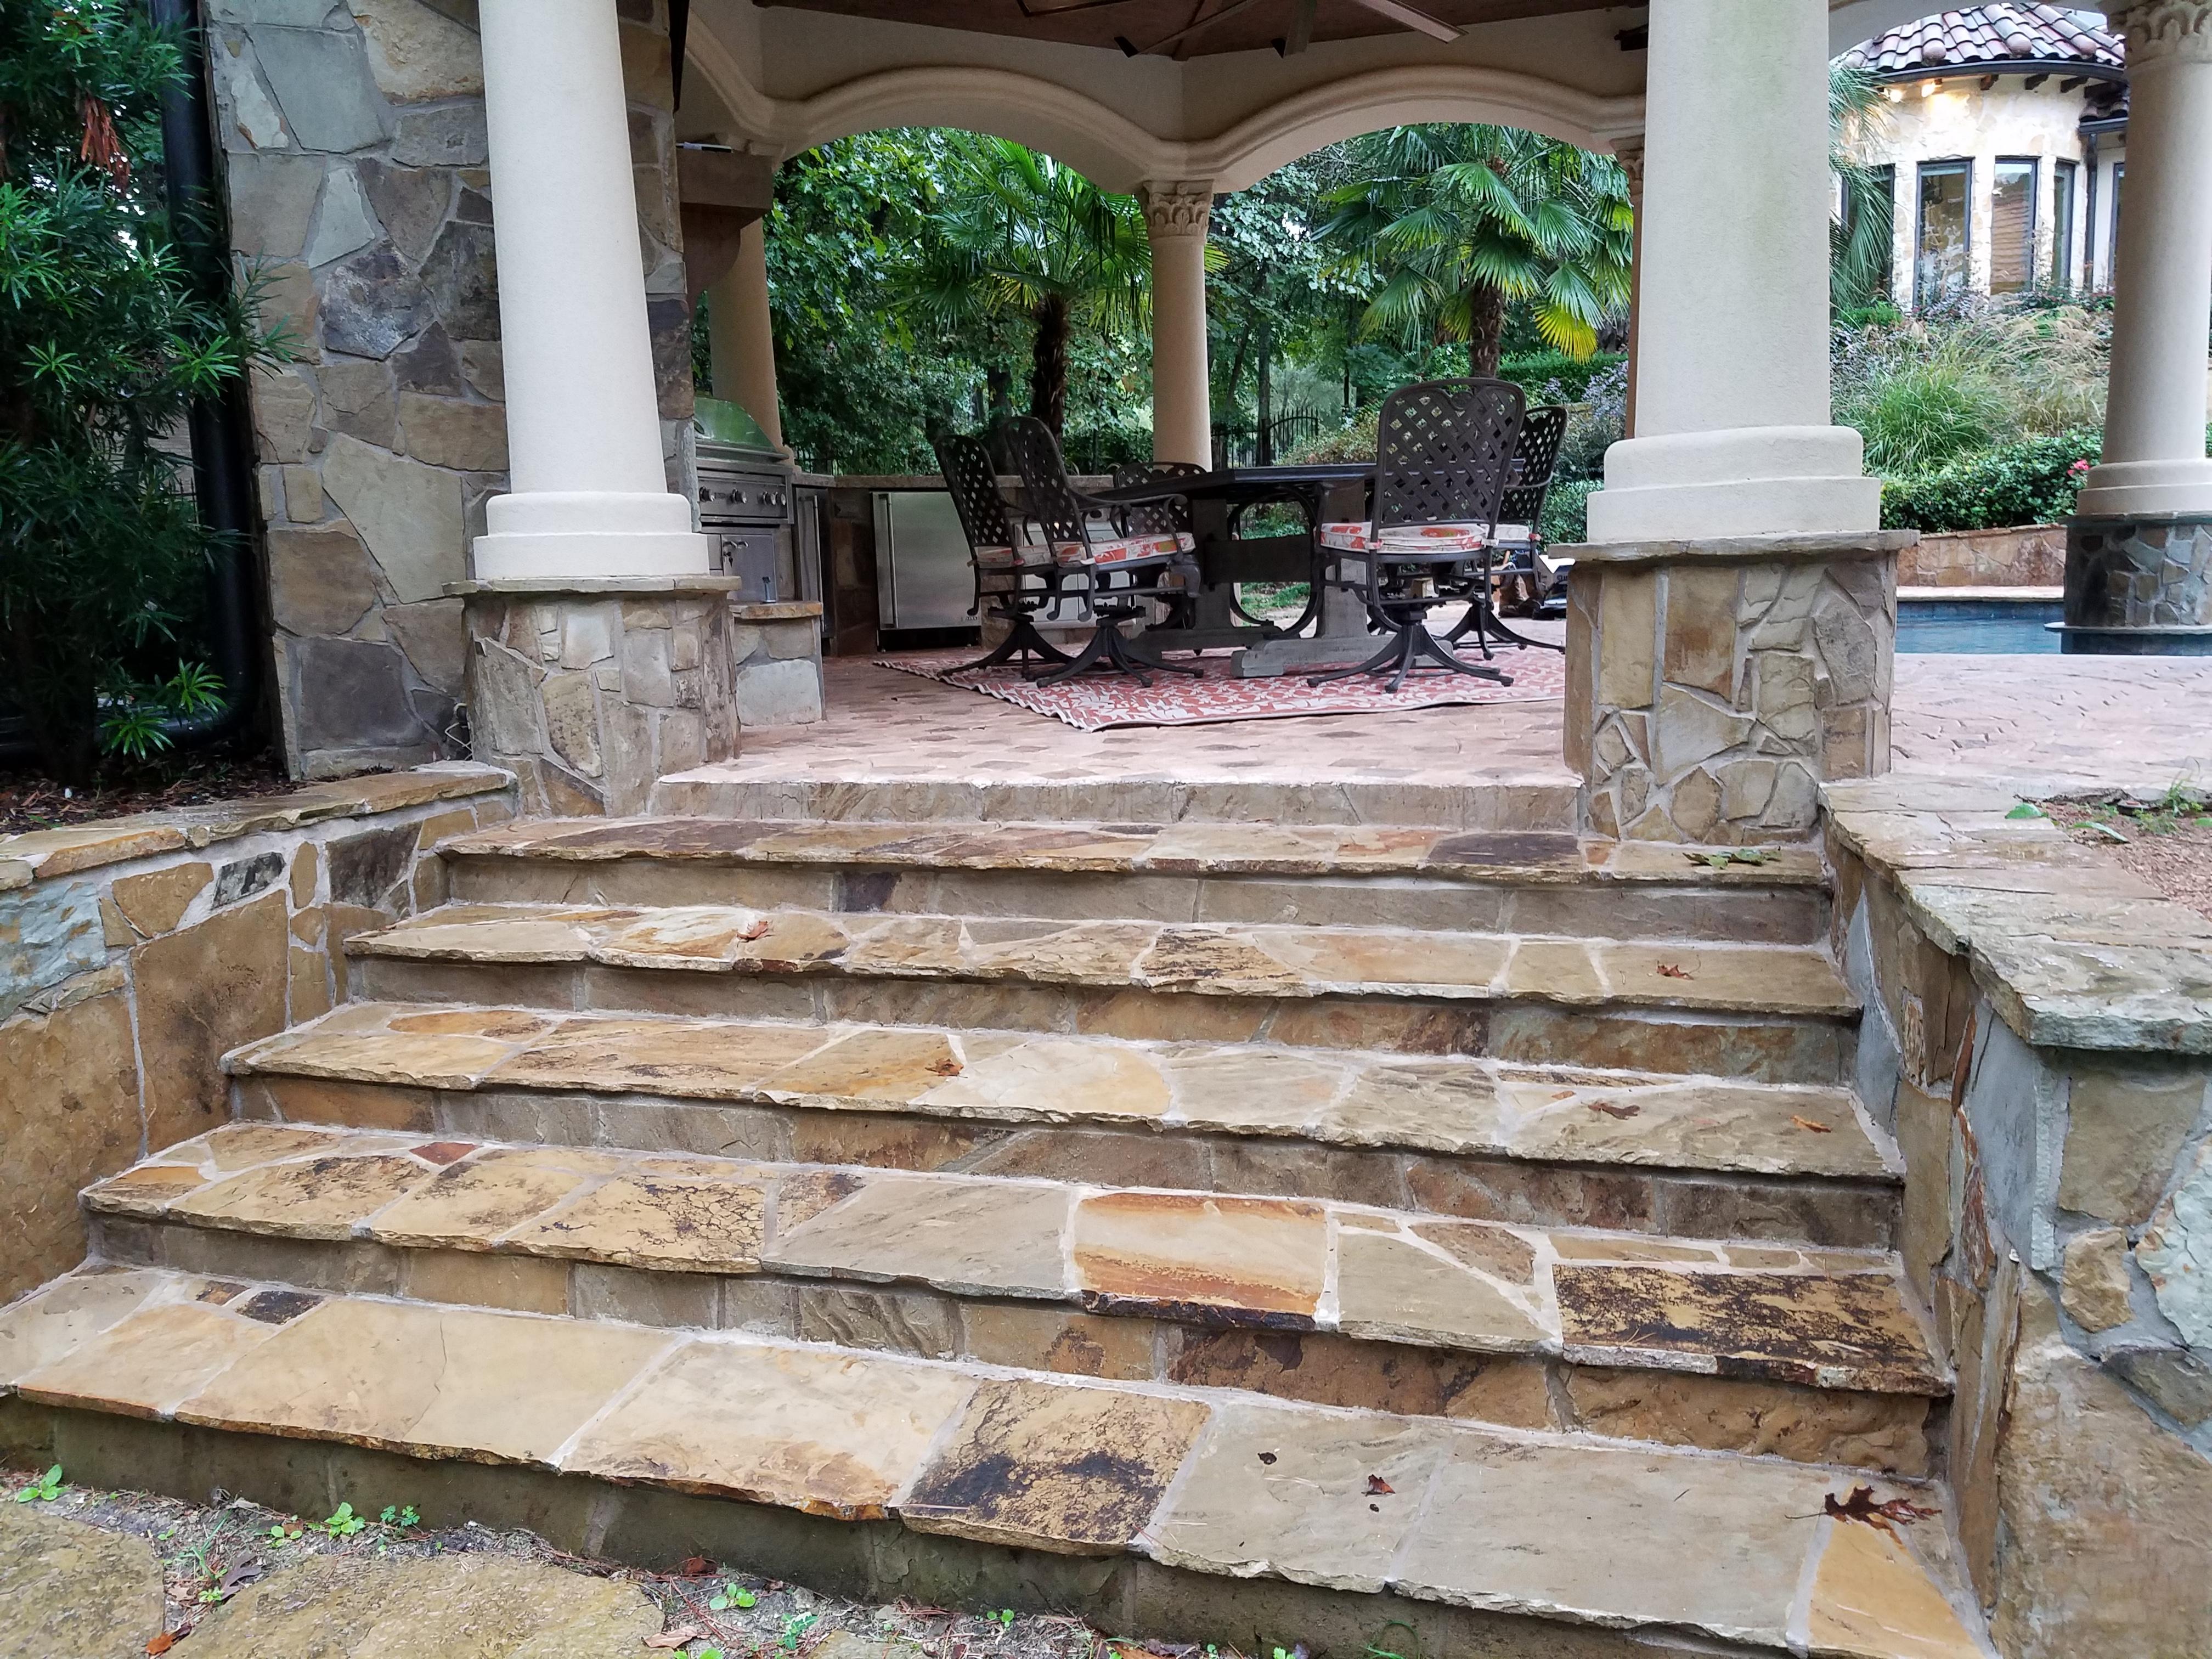 Stone Ridge Pool and Landscape, Co. LLC image 1